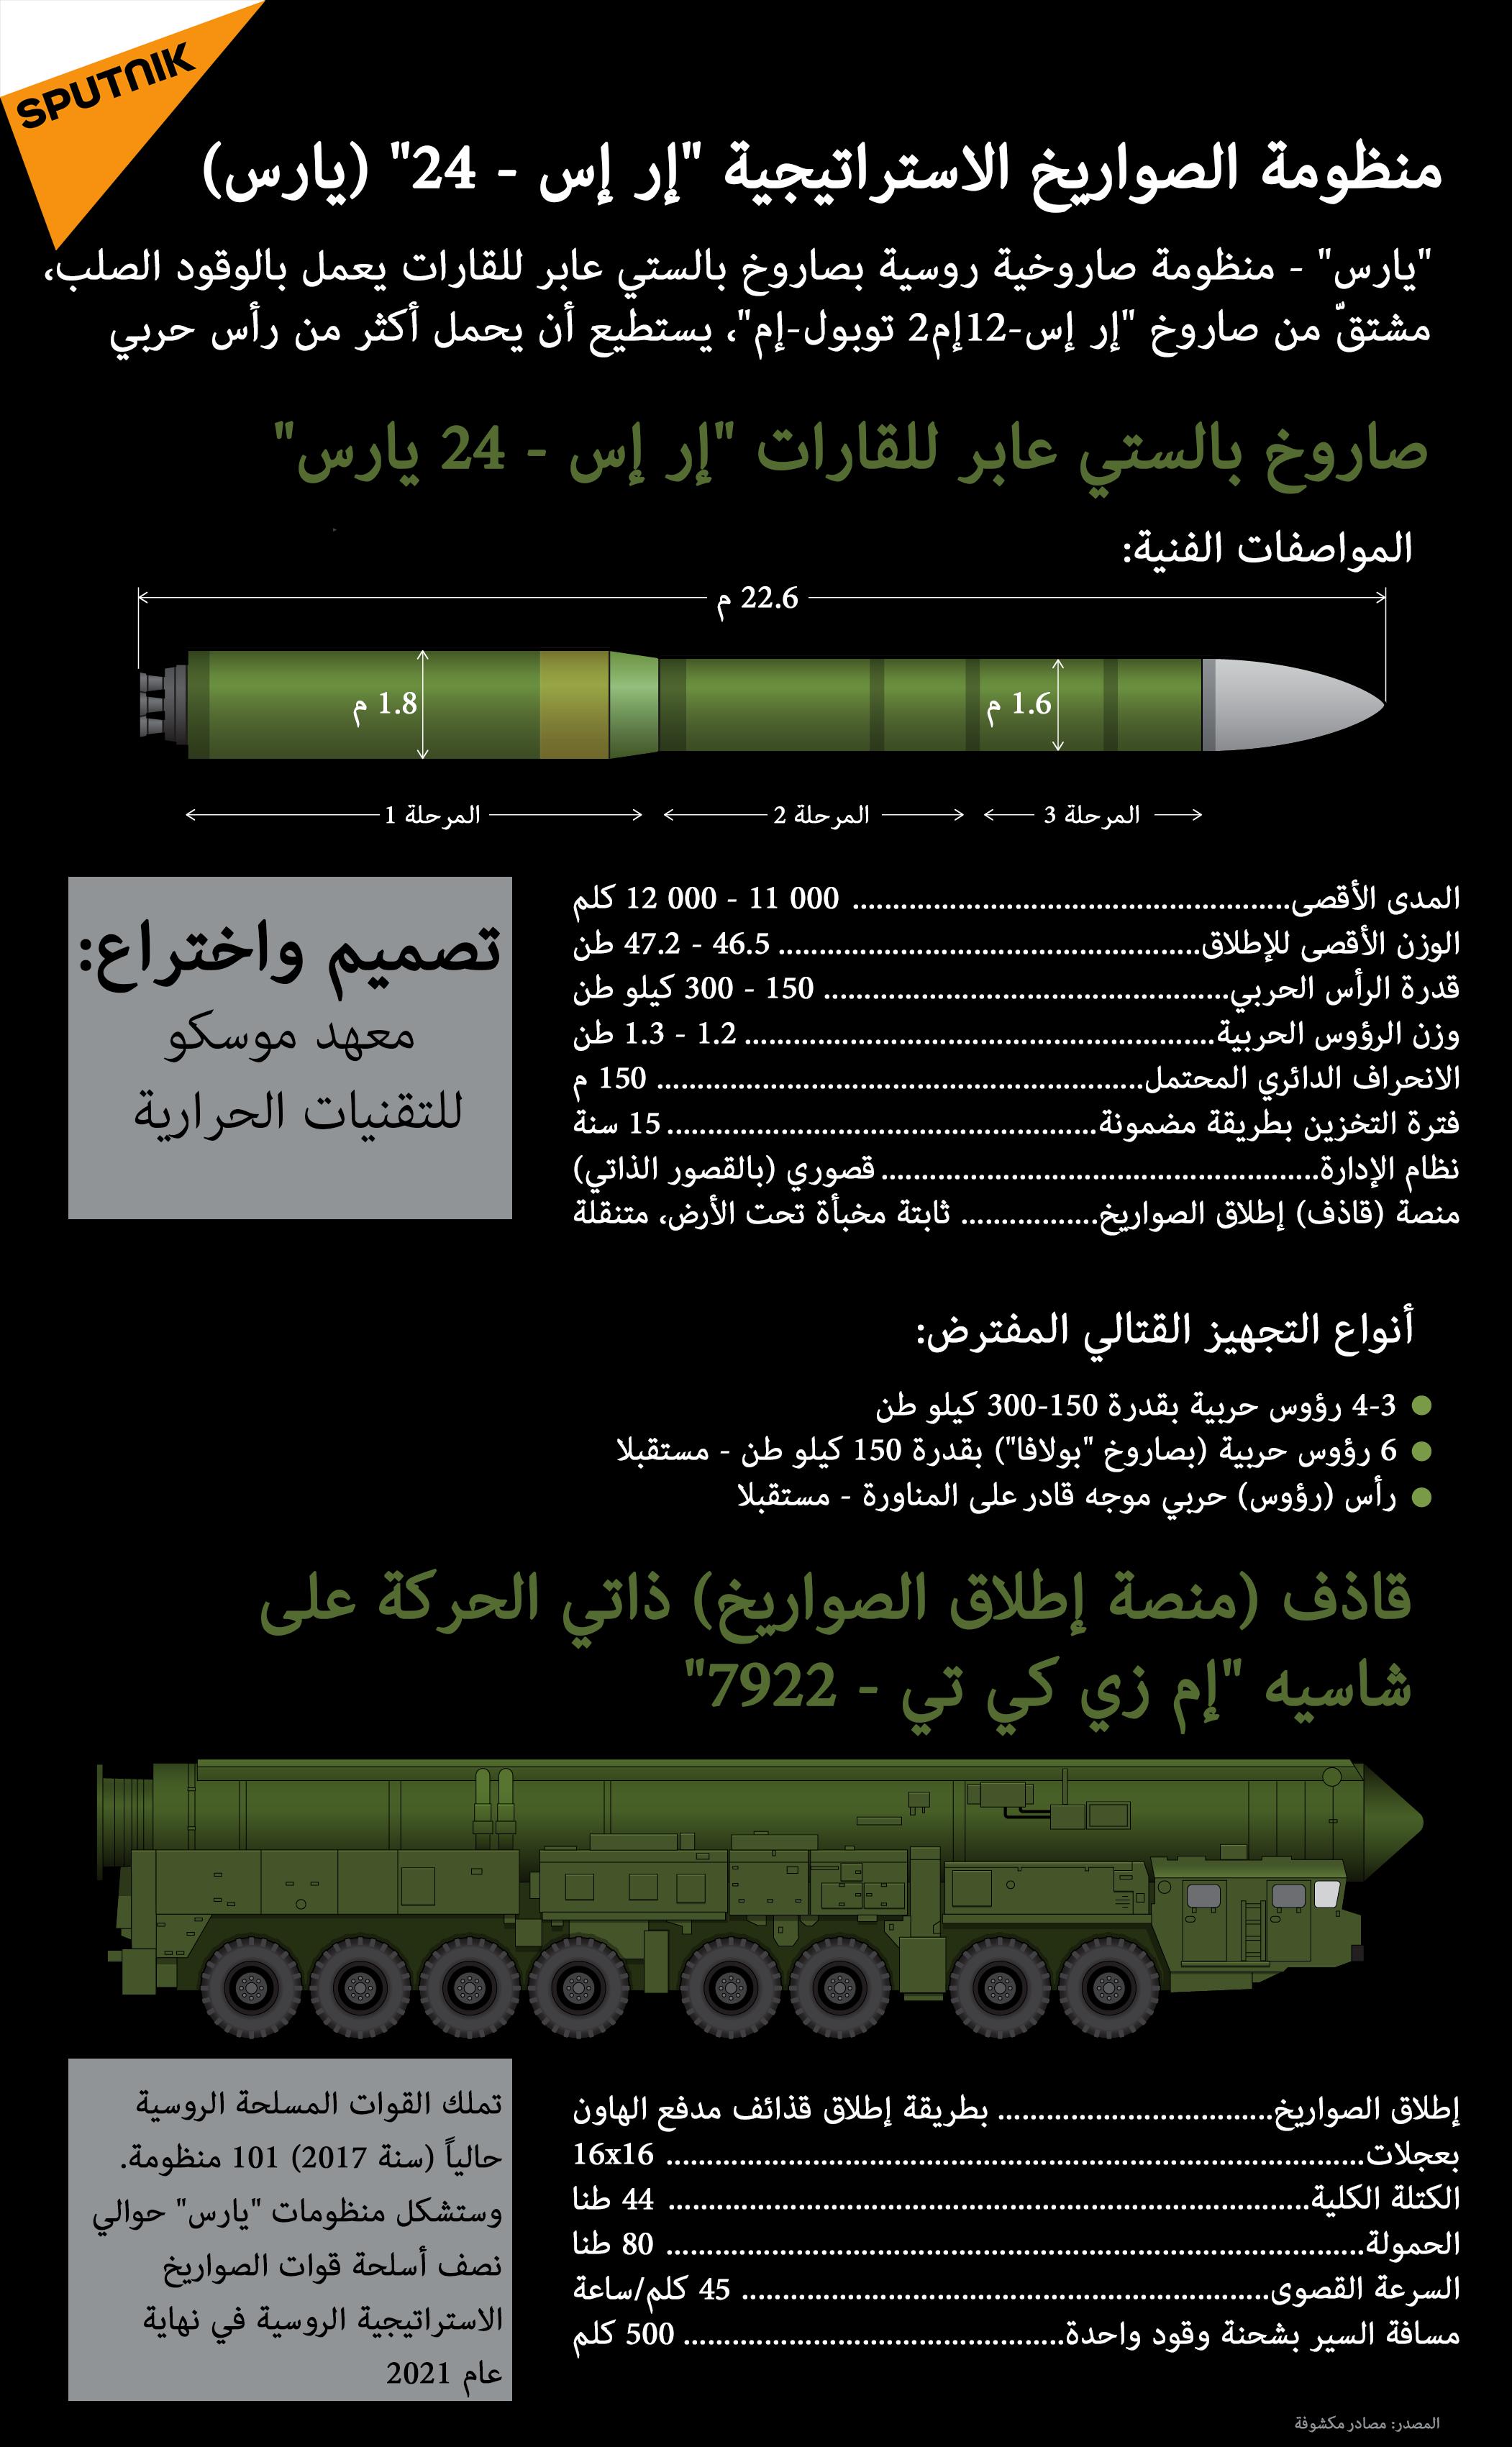 منظومة الصواريخ الاستراتيجية إر إس-24 يارس